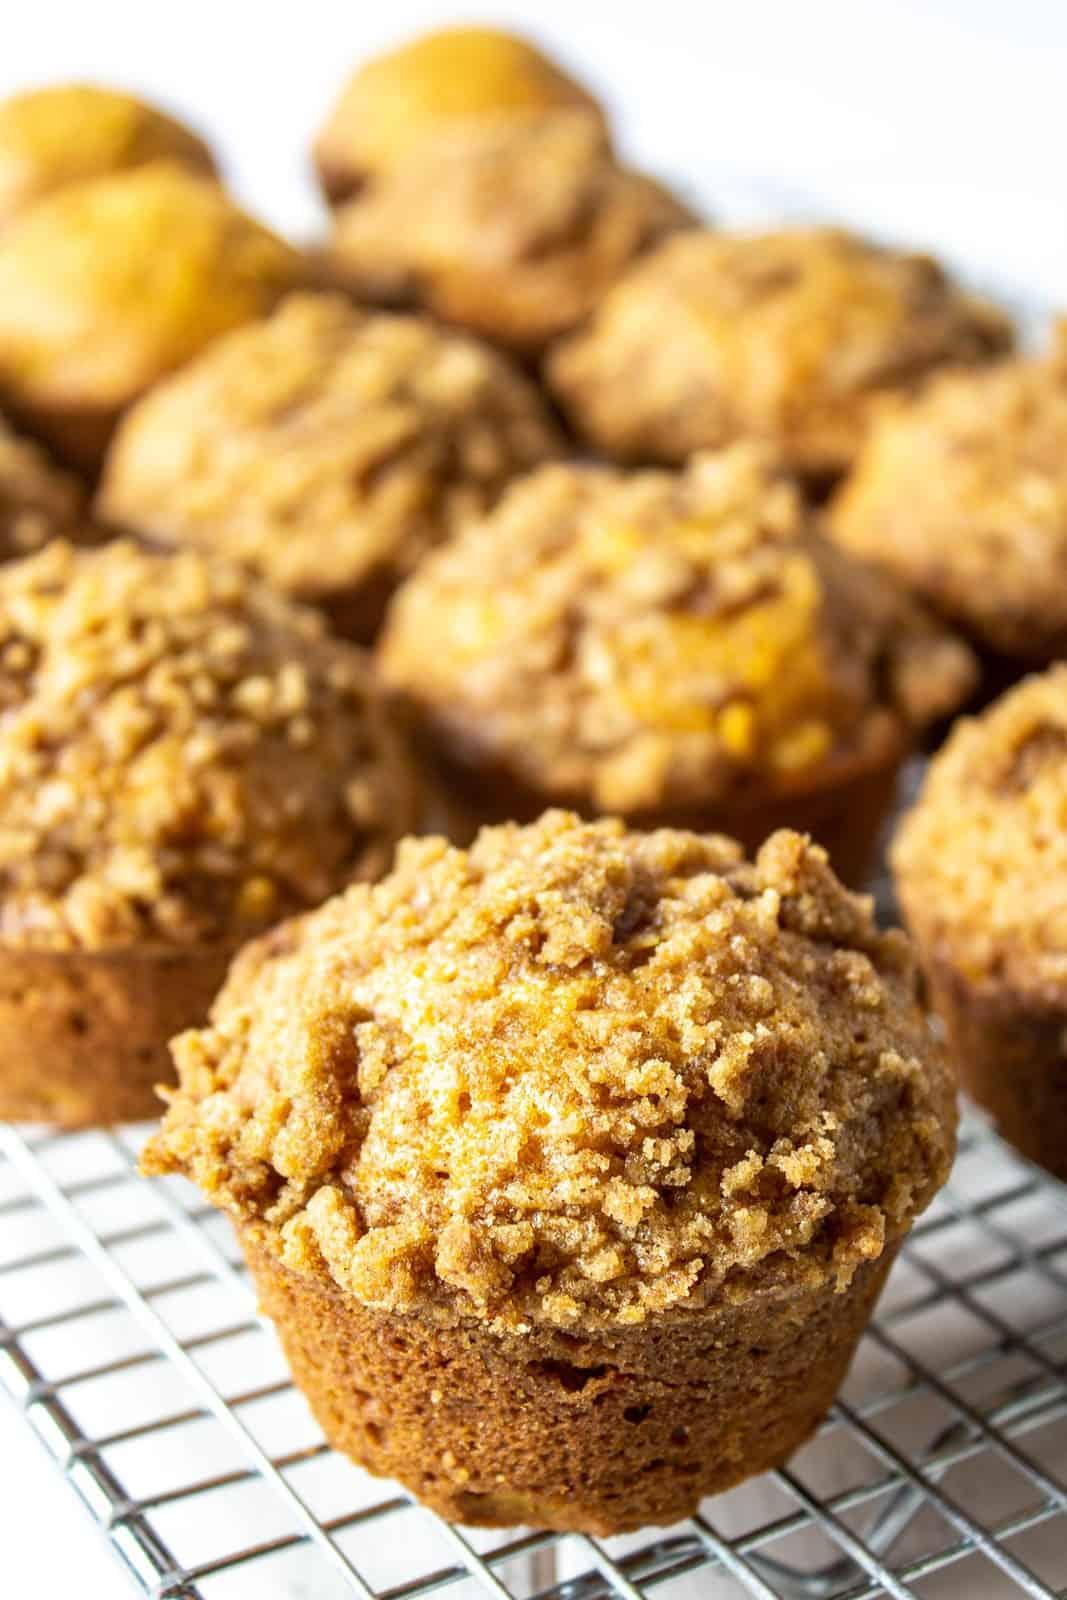 Pumpkin muffins on a baking rack.